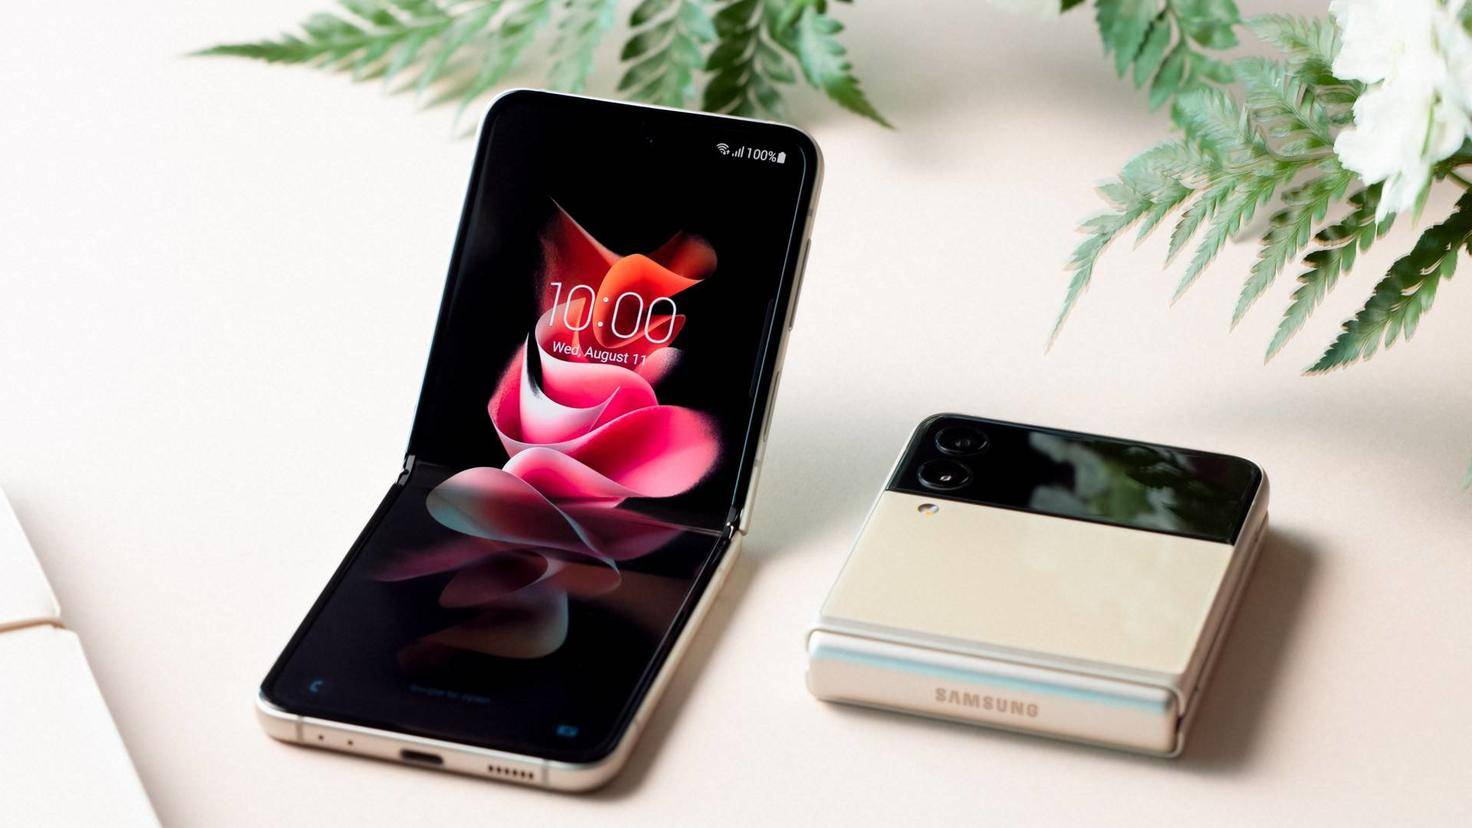 Das Galaxy Z Flip 3 soll mehr aushalten können als sein Vorgänger.